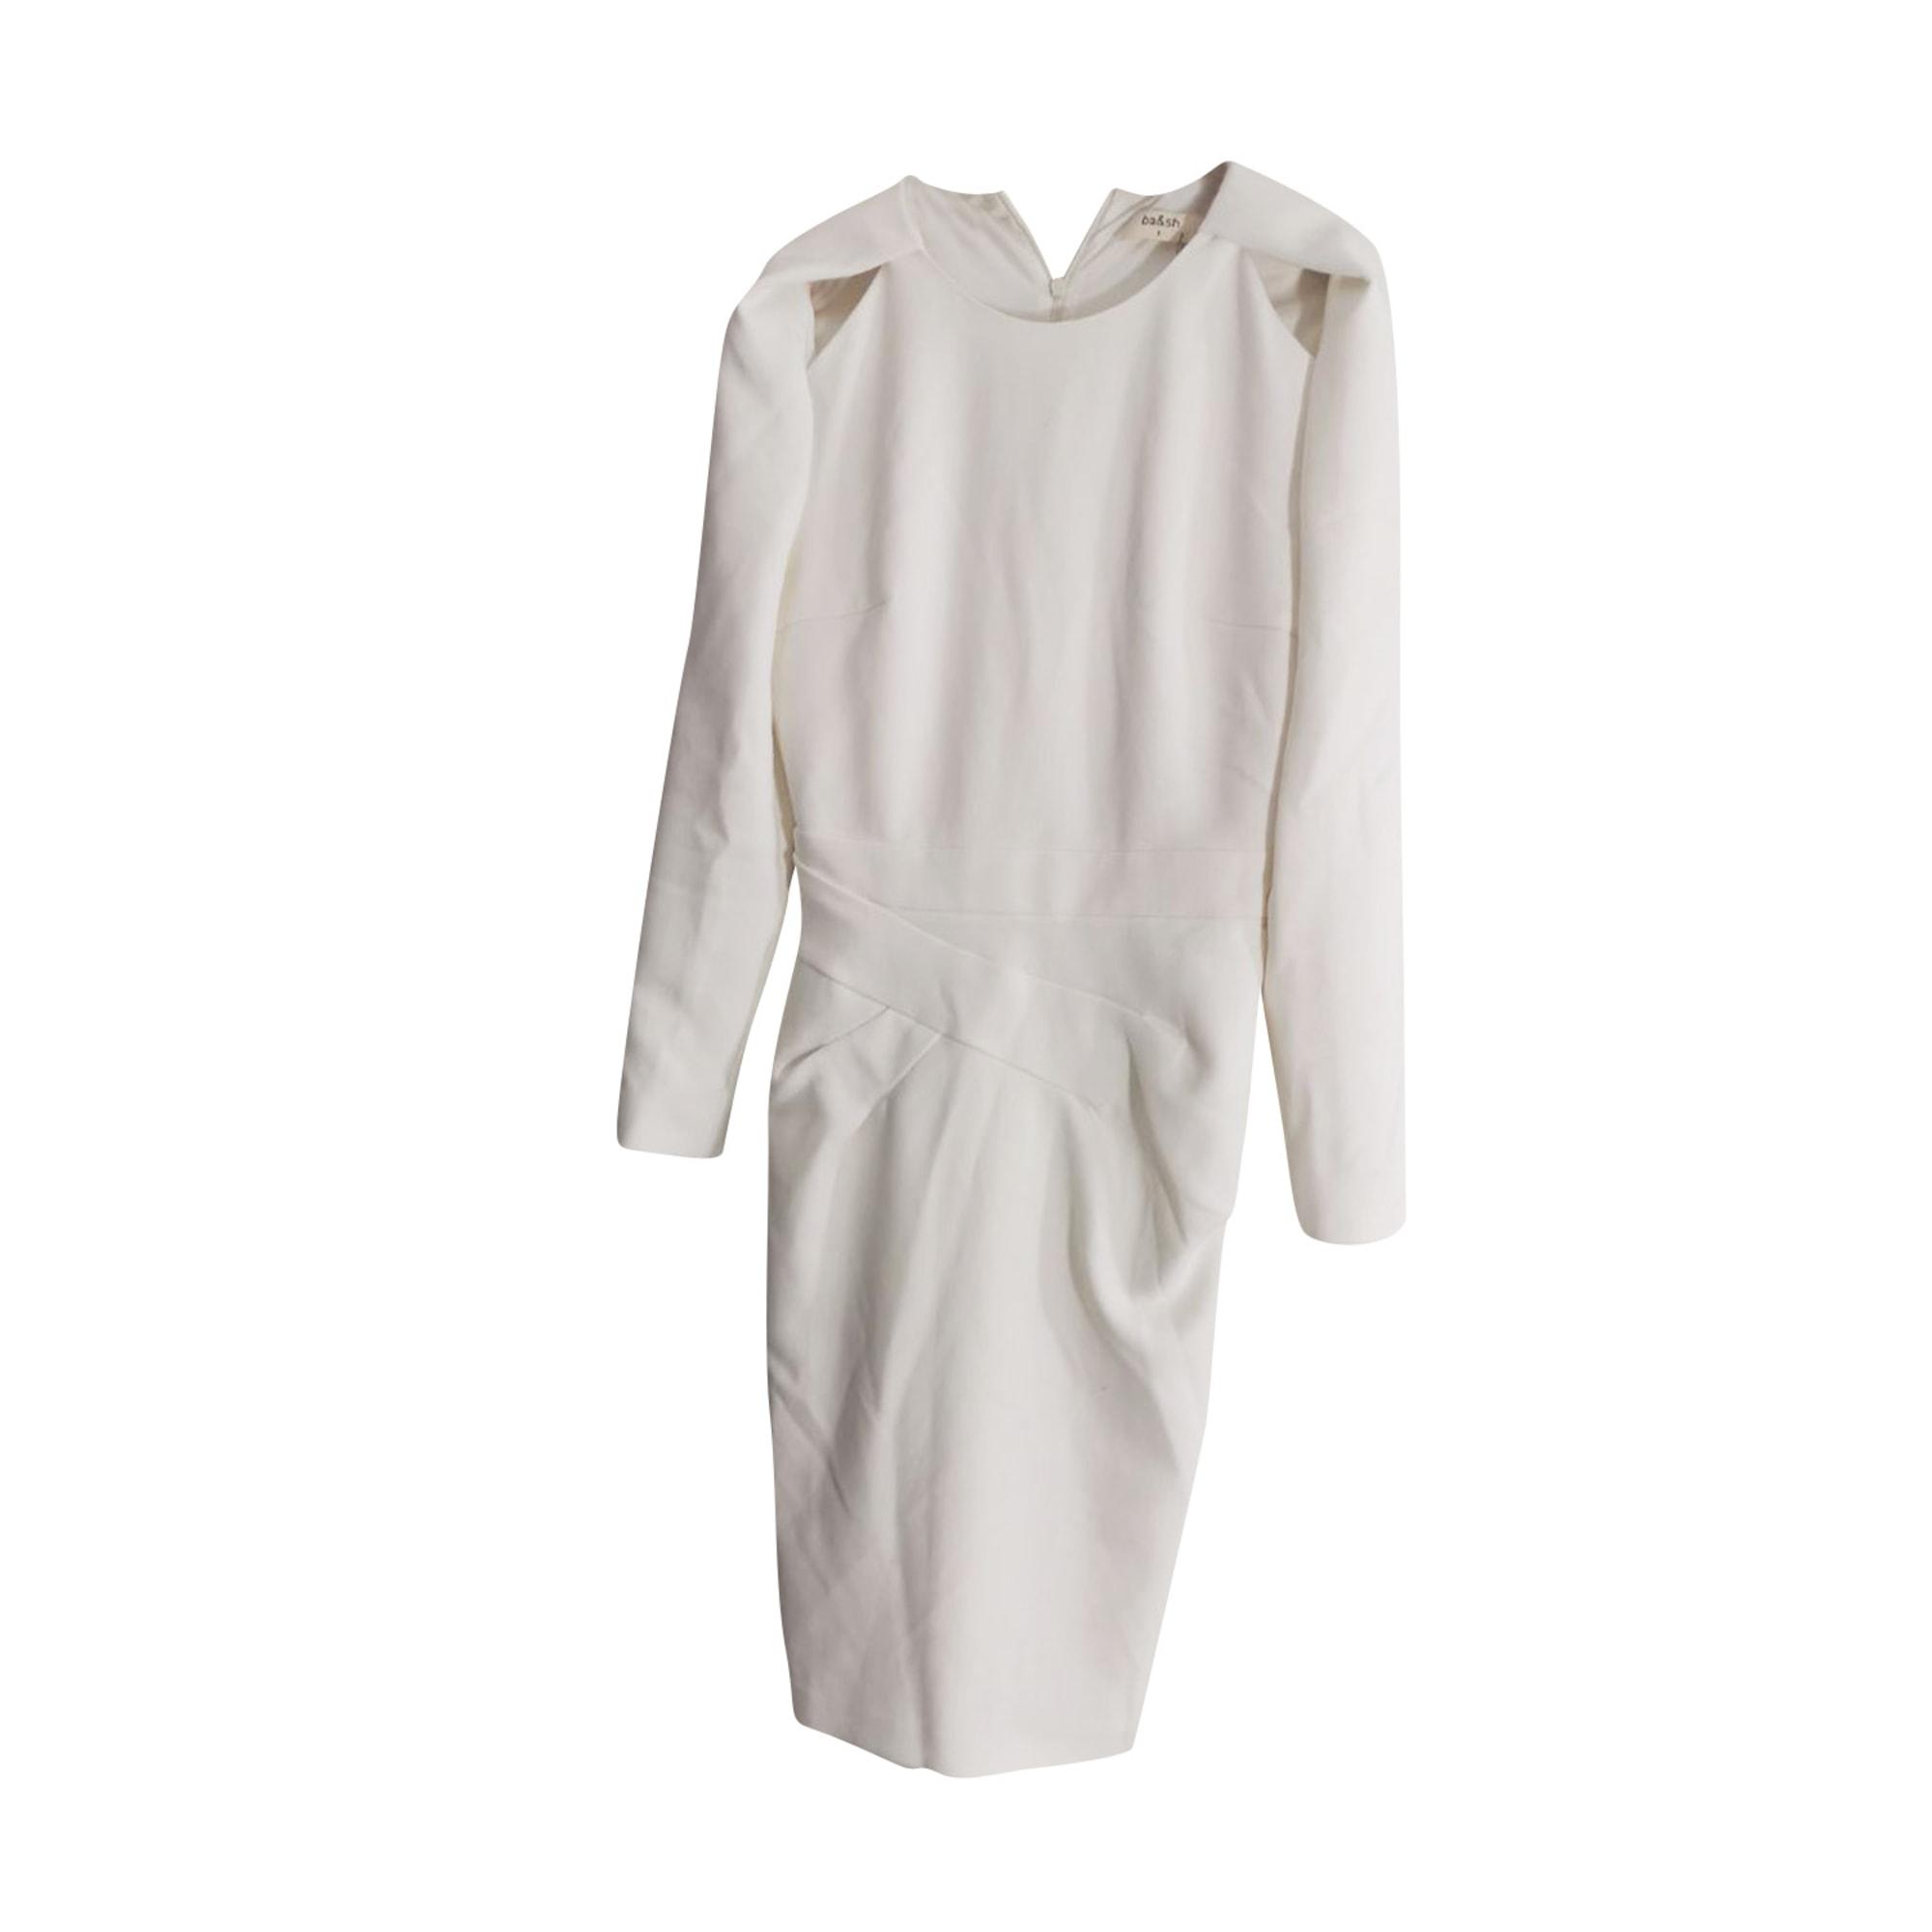 Midi Dress BA&SH White, off-white, ecru